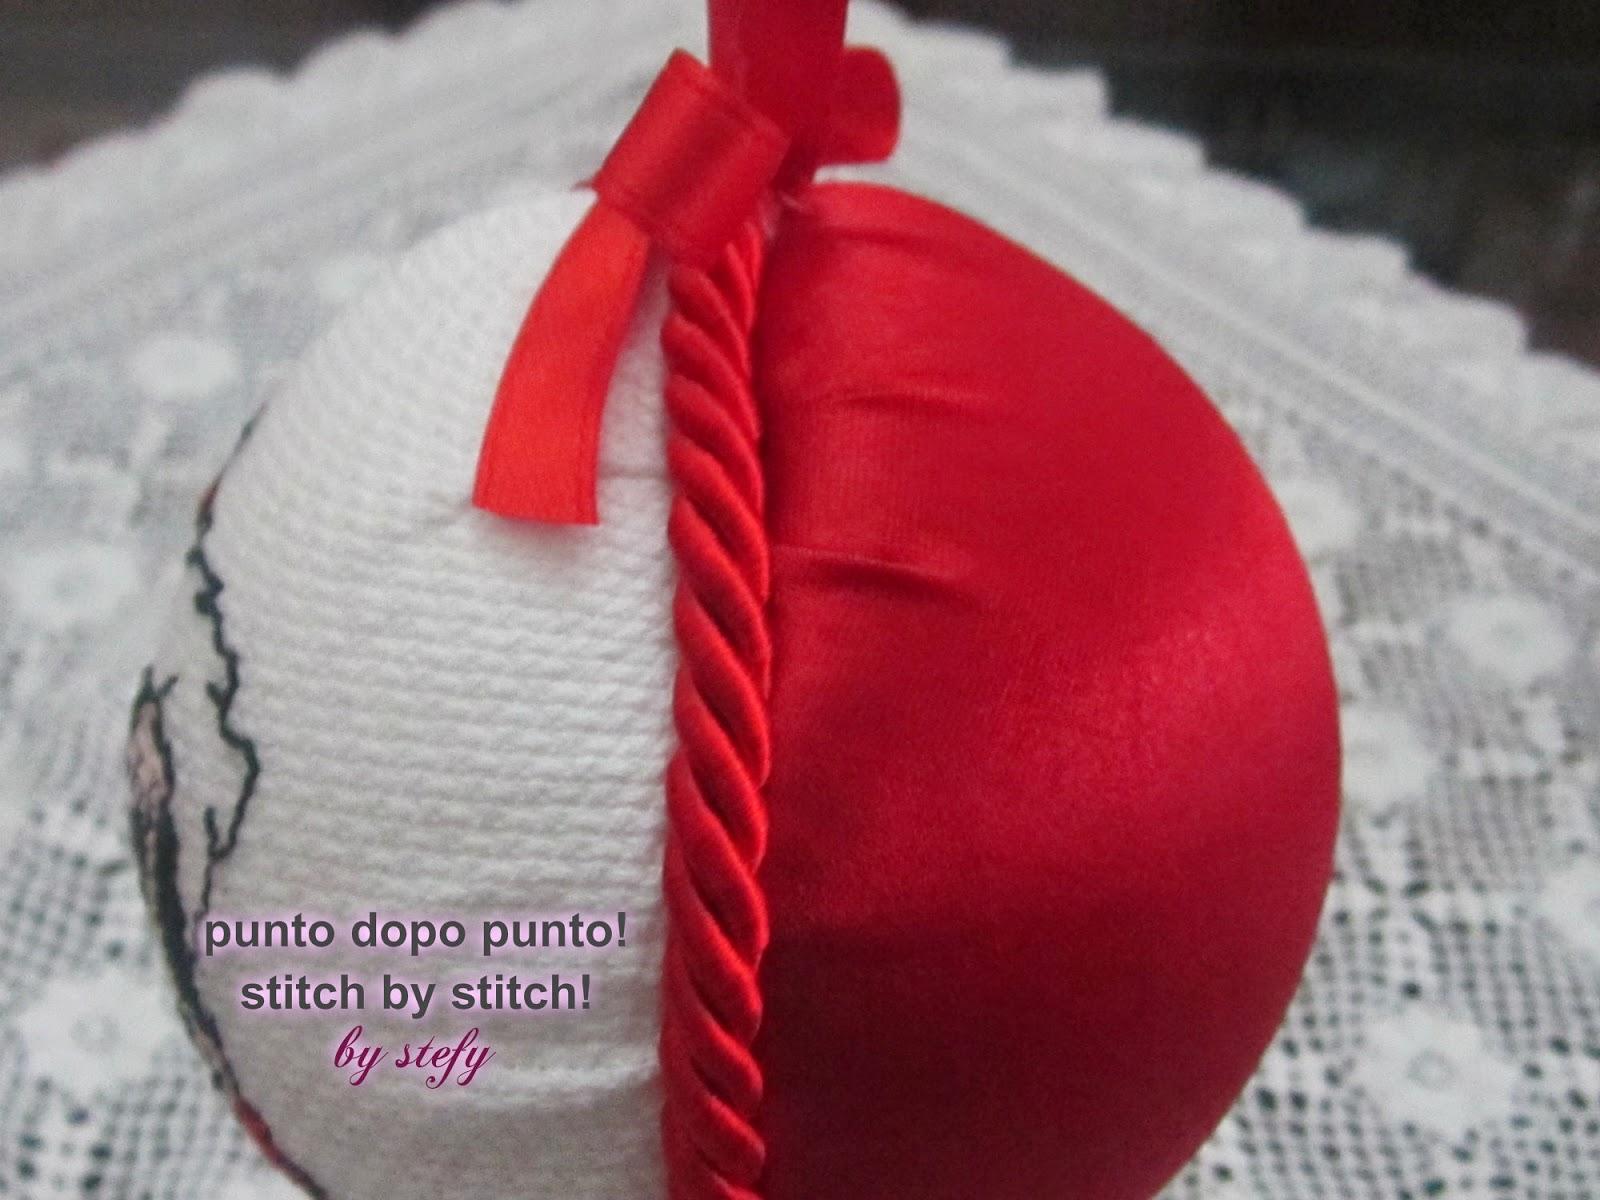 Estremamente Punto dopo punto! by stefy: Decorazione natalizia personalizzata  ZK56